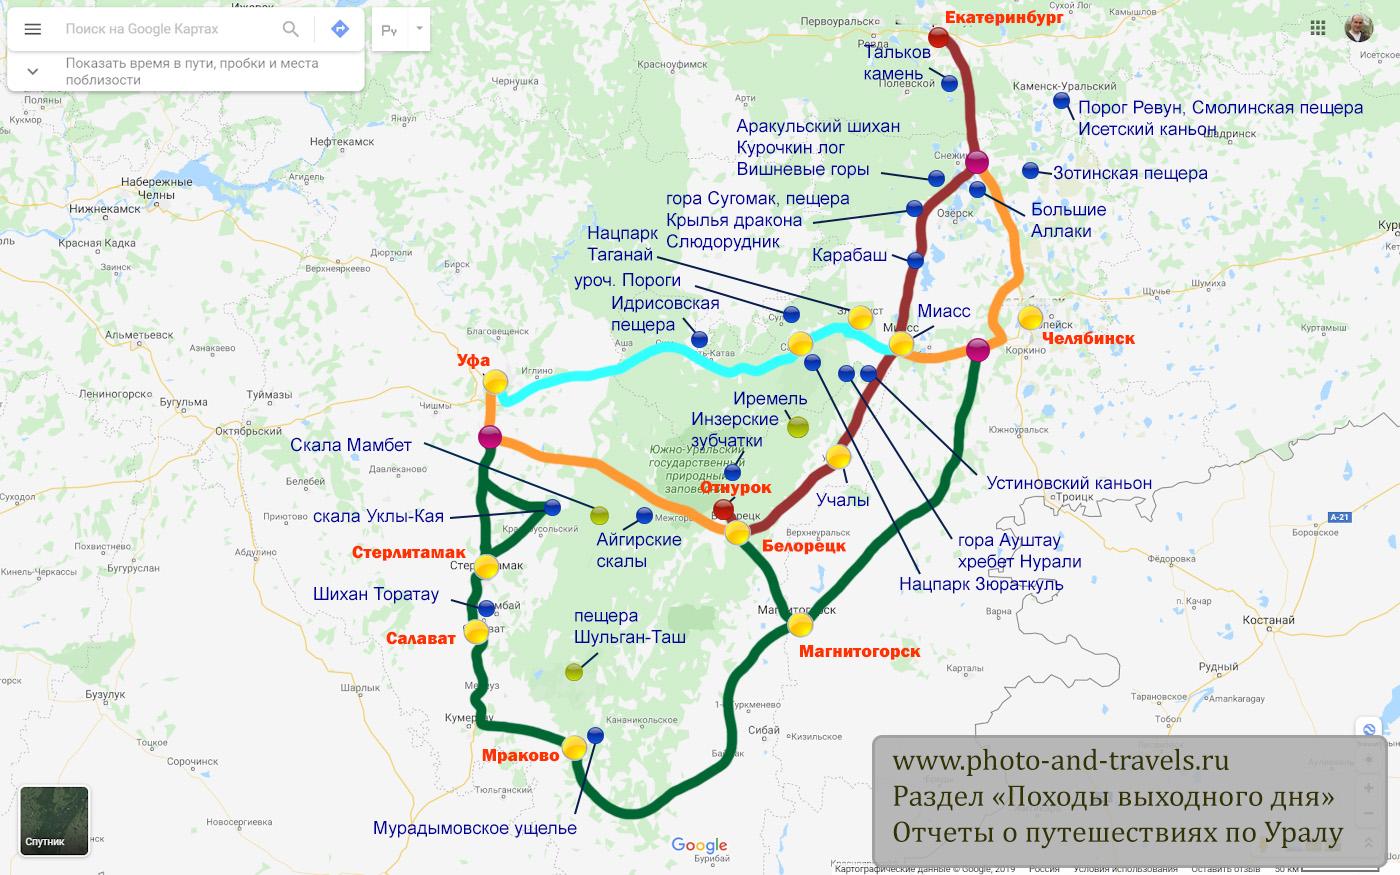 4. Схема проезда в хутор Отнурок, в котором расположена турбаза «Малиновка» и начинается подъем на гору Малиновая (третья и вторая вершина).